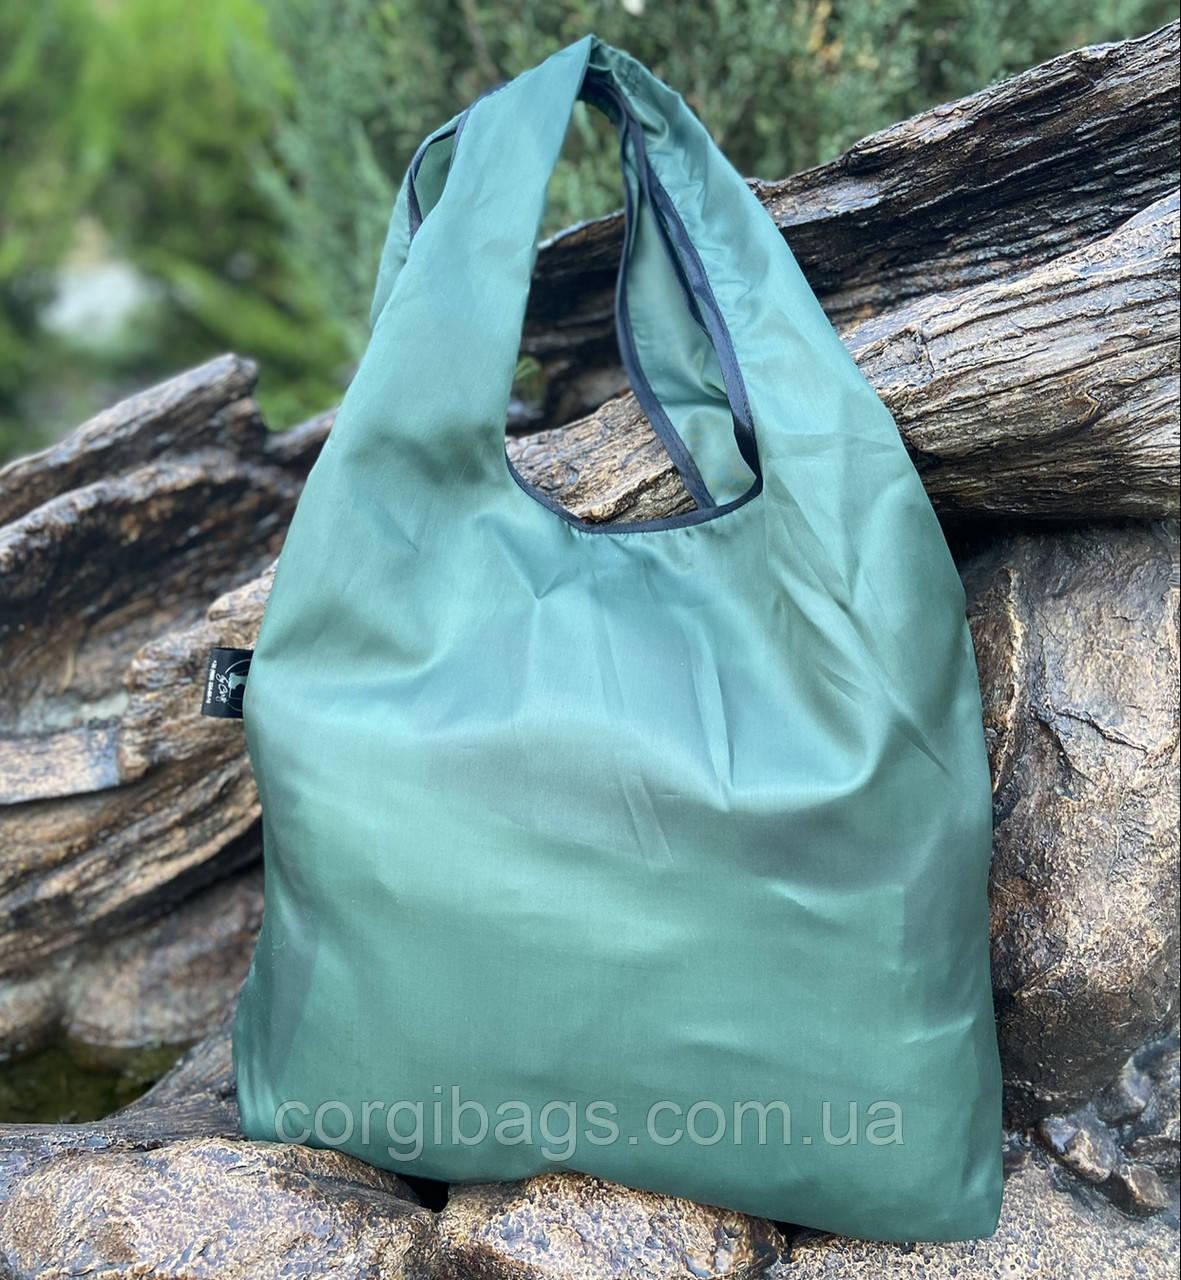 Эко сумка для покупок, торба-шопер Comfort, Сумка для покупок